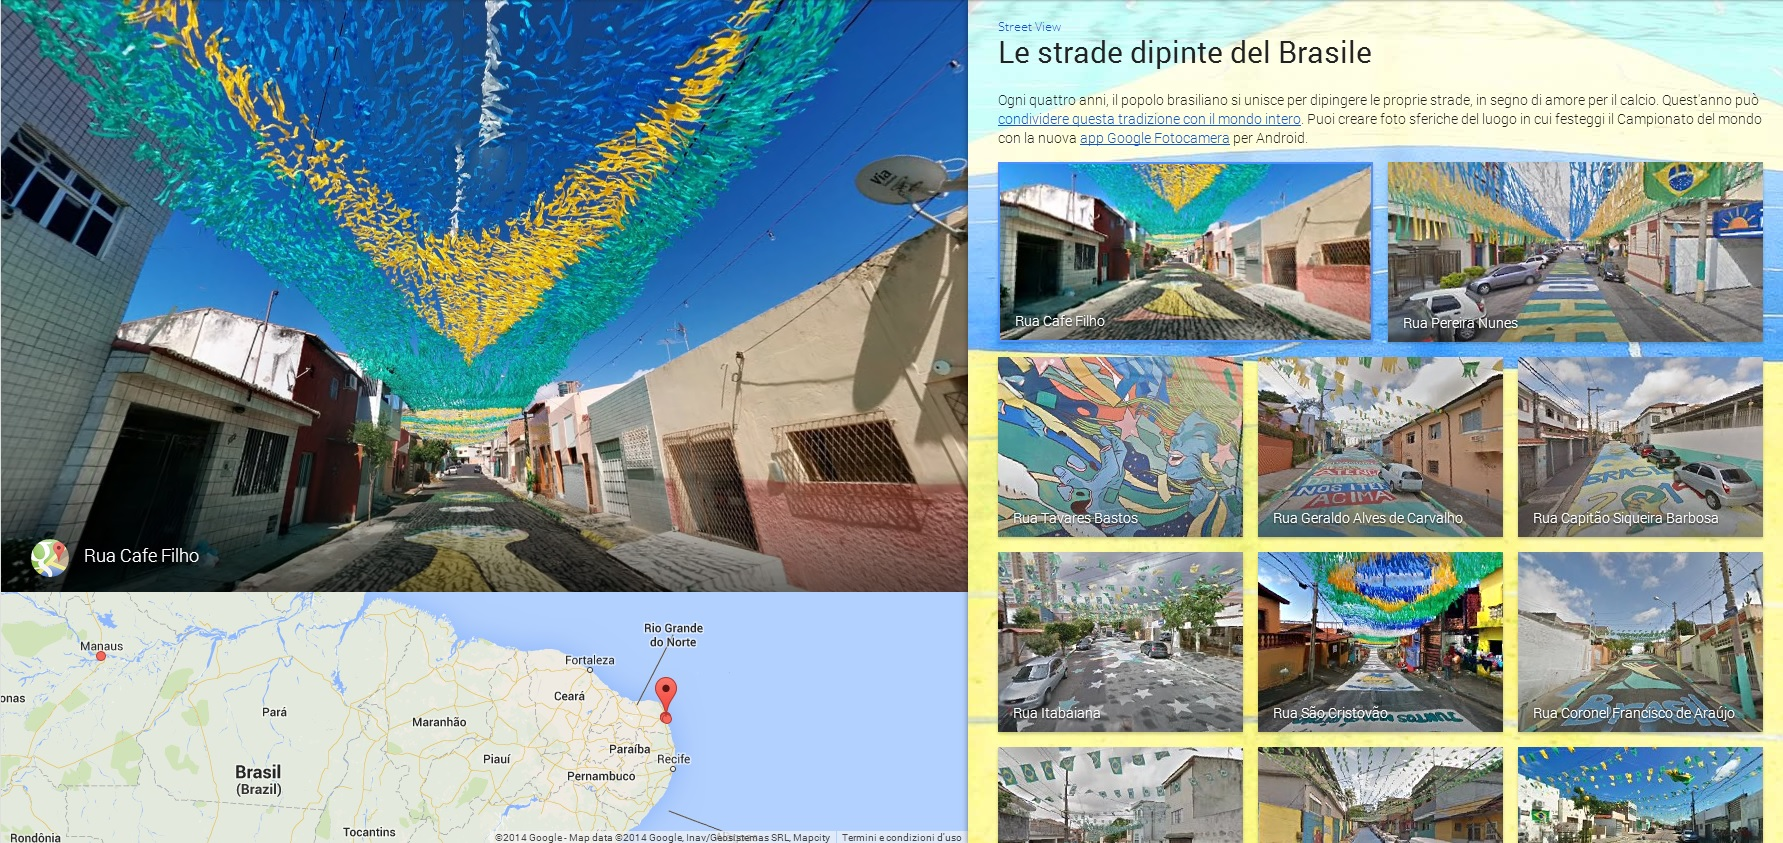 BRASILE3 MONDIALI BRASILE 2014   Google Maps e le strade dipinte